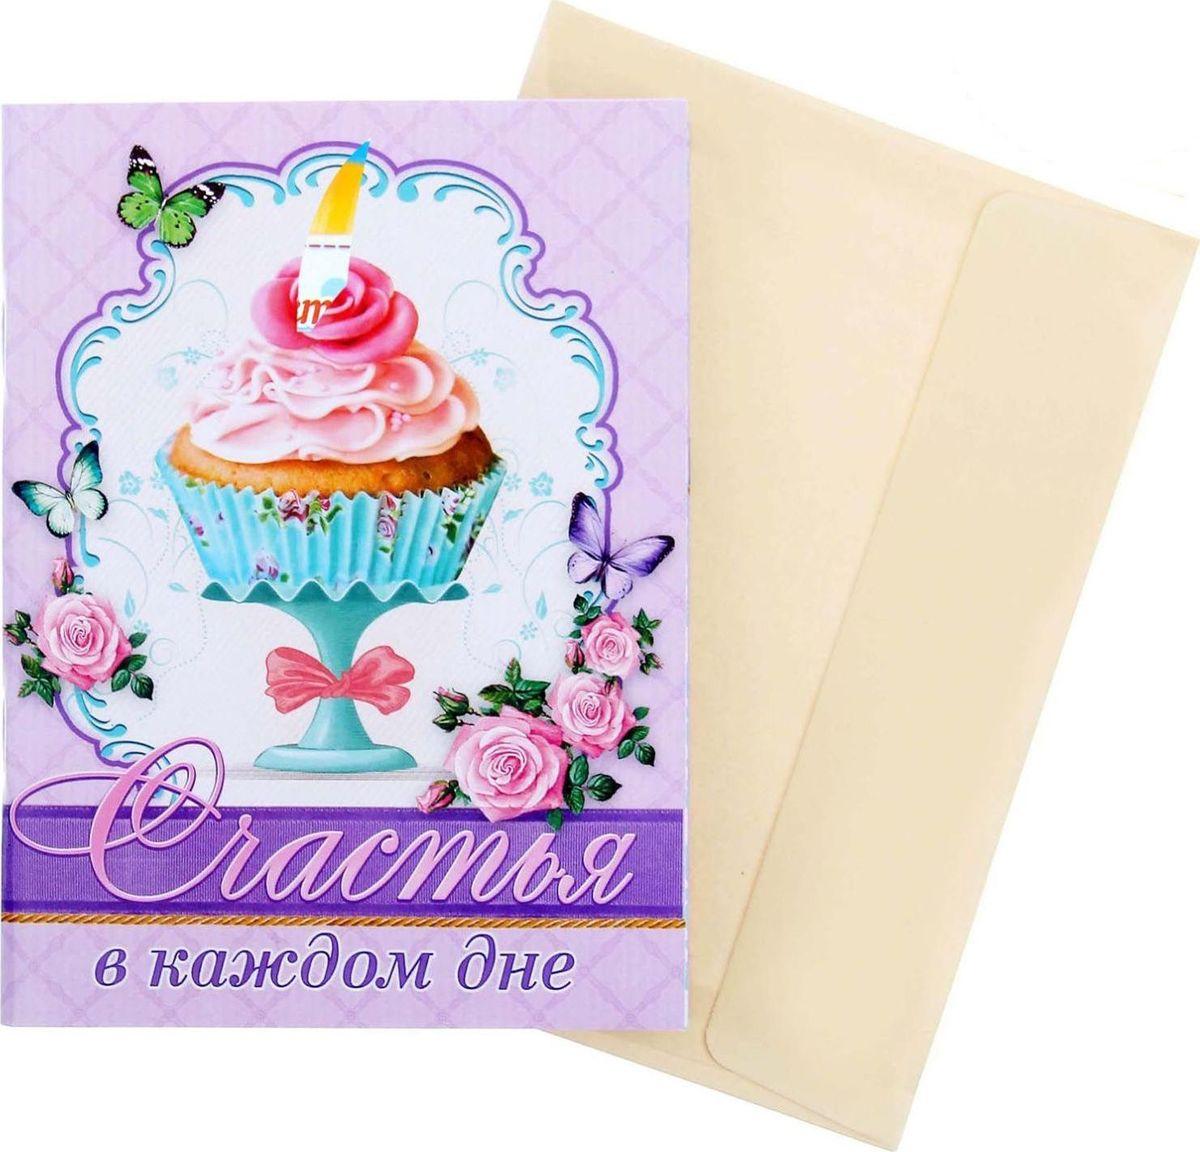 Блокнот-открытка Счастья в каждом дне 32 листа1104986Перед вами уникальная разработка. С одной стороны, это яркая открытка, а стоит заглянуть внутрь и вы найдете 32 дизайнерских листа с бархатной фактурой. В отличие от обычной открытки, которая зачастую просто пылится в шкафу, блокнотом Счастья в каждом дне приятно пользоваться! В блокноте содержатся приятные пожелания.Эксклюзивный блокнот-открытка будет прекрасным подарком для дорогих сердцу людей. В подарок к блокноту-открытке вложен универсальный конверт. Подпишите его и вручите сувенир адресату на любой праздник.